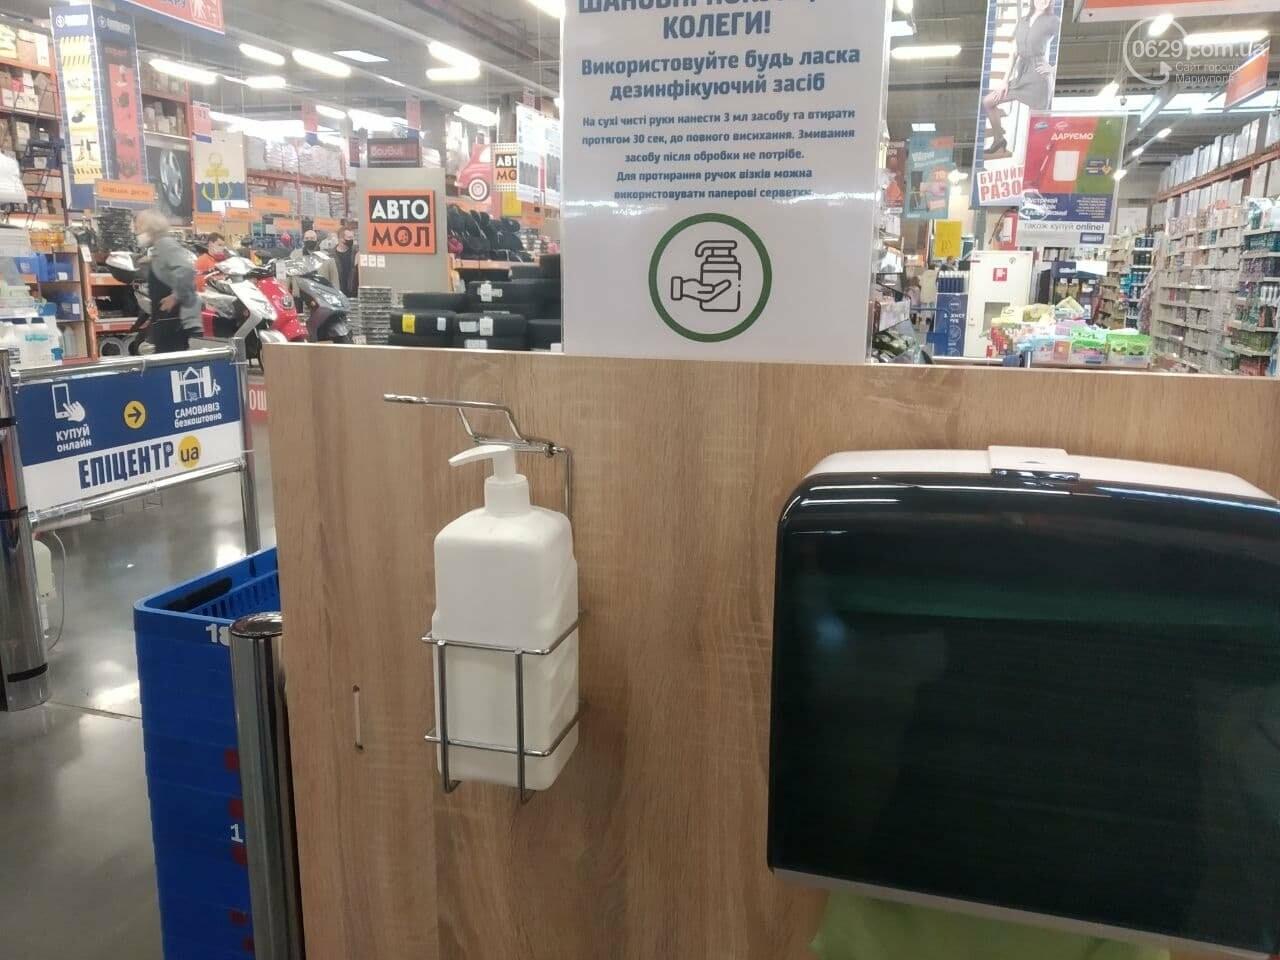 Скупиться и не заразиться. Рейтинг безопасности мариупольских супермаркетов, - ФОТО, фото-44